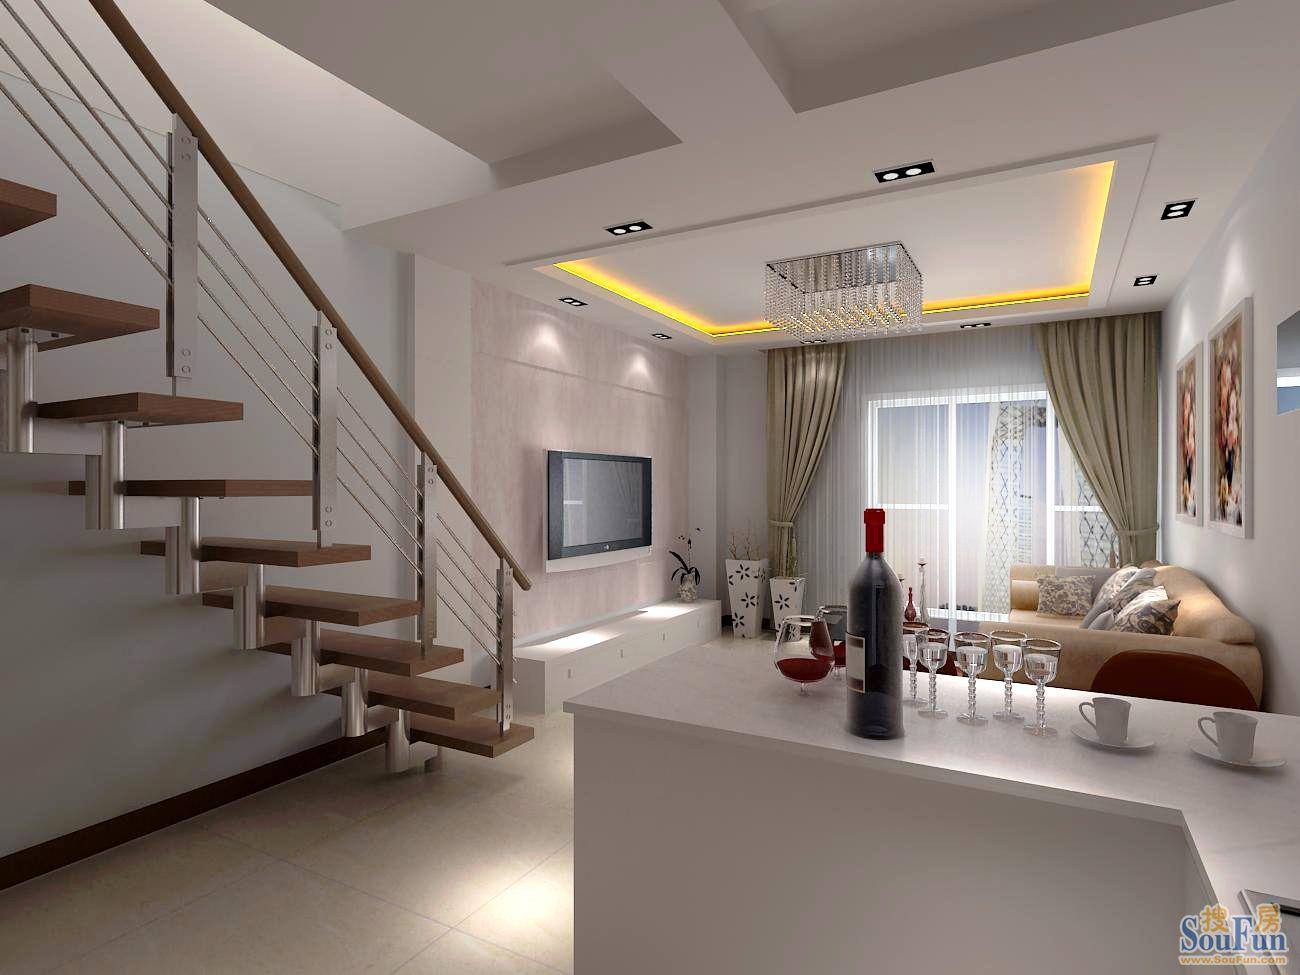 家居 起居室 设计 装修 1300_975图片